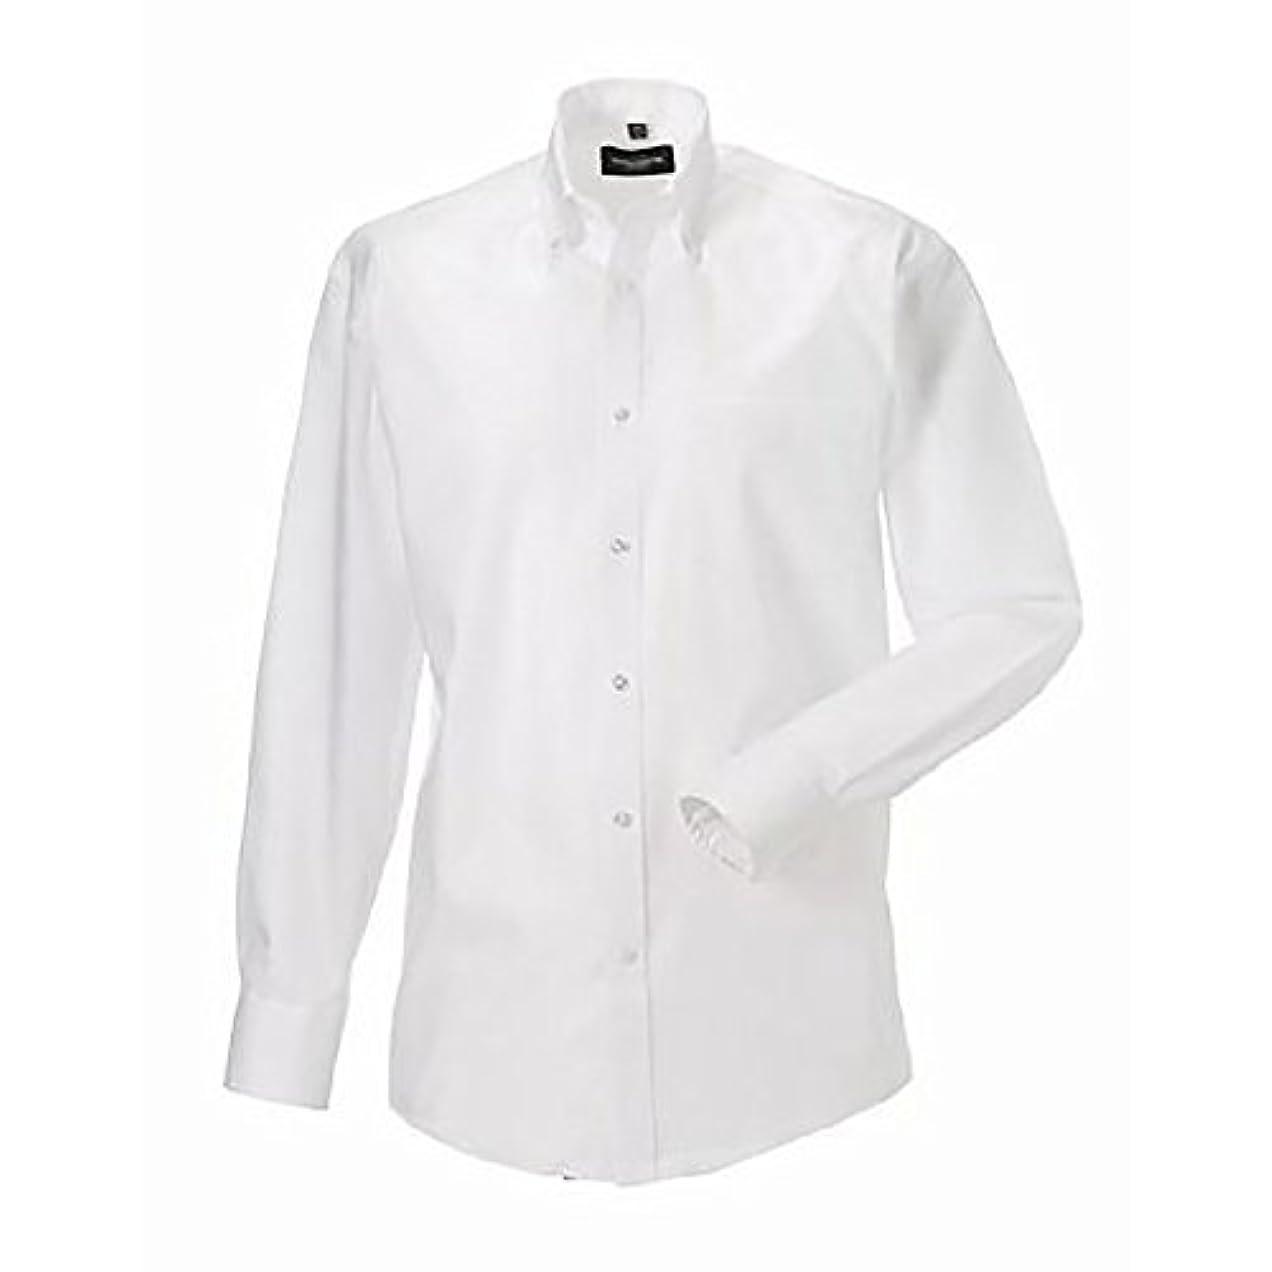 トロピカル似ている貸し手(ラッセル) Russell メンズ 長袖 ノンアイロンシャツ ワイシャツ ビジネス スマート 定番